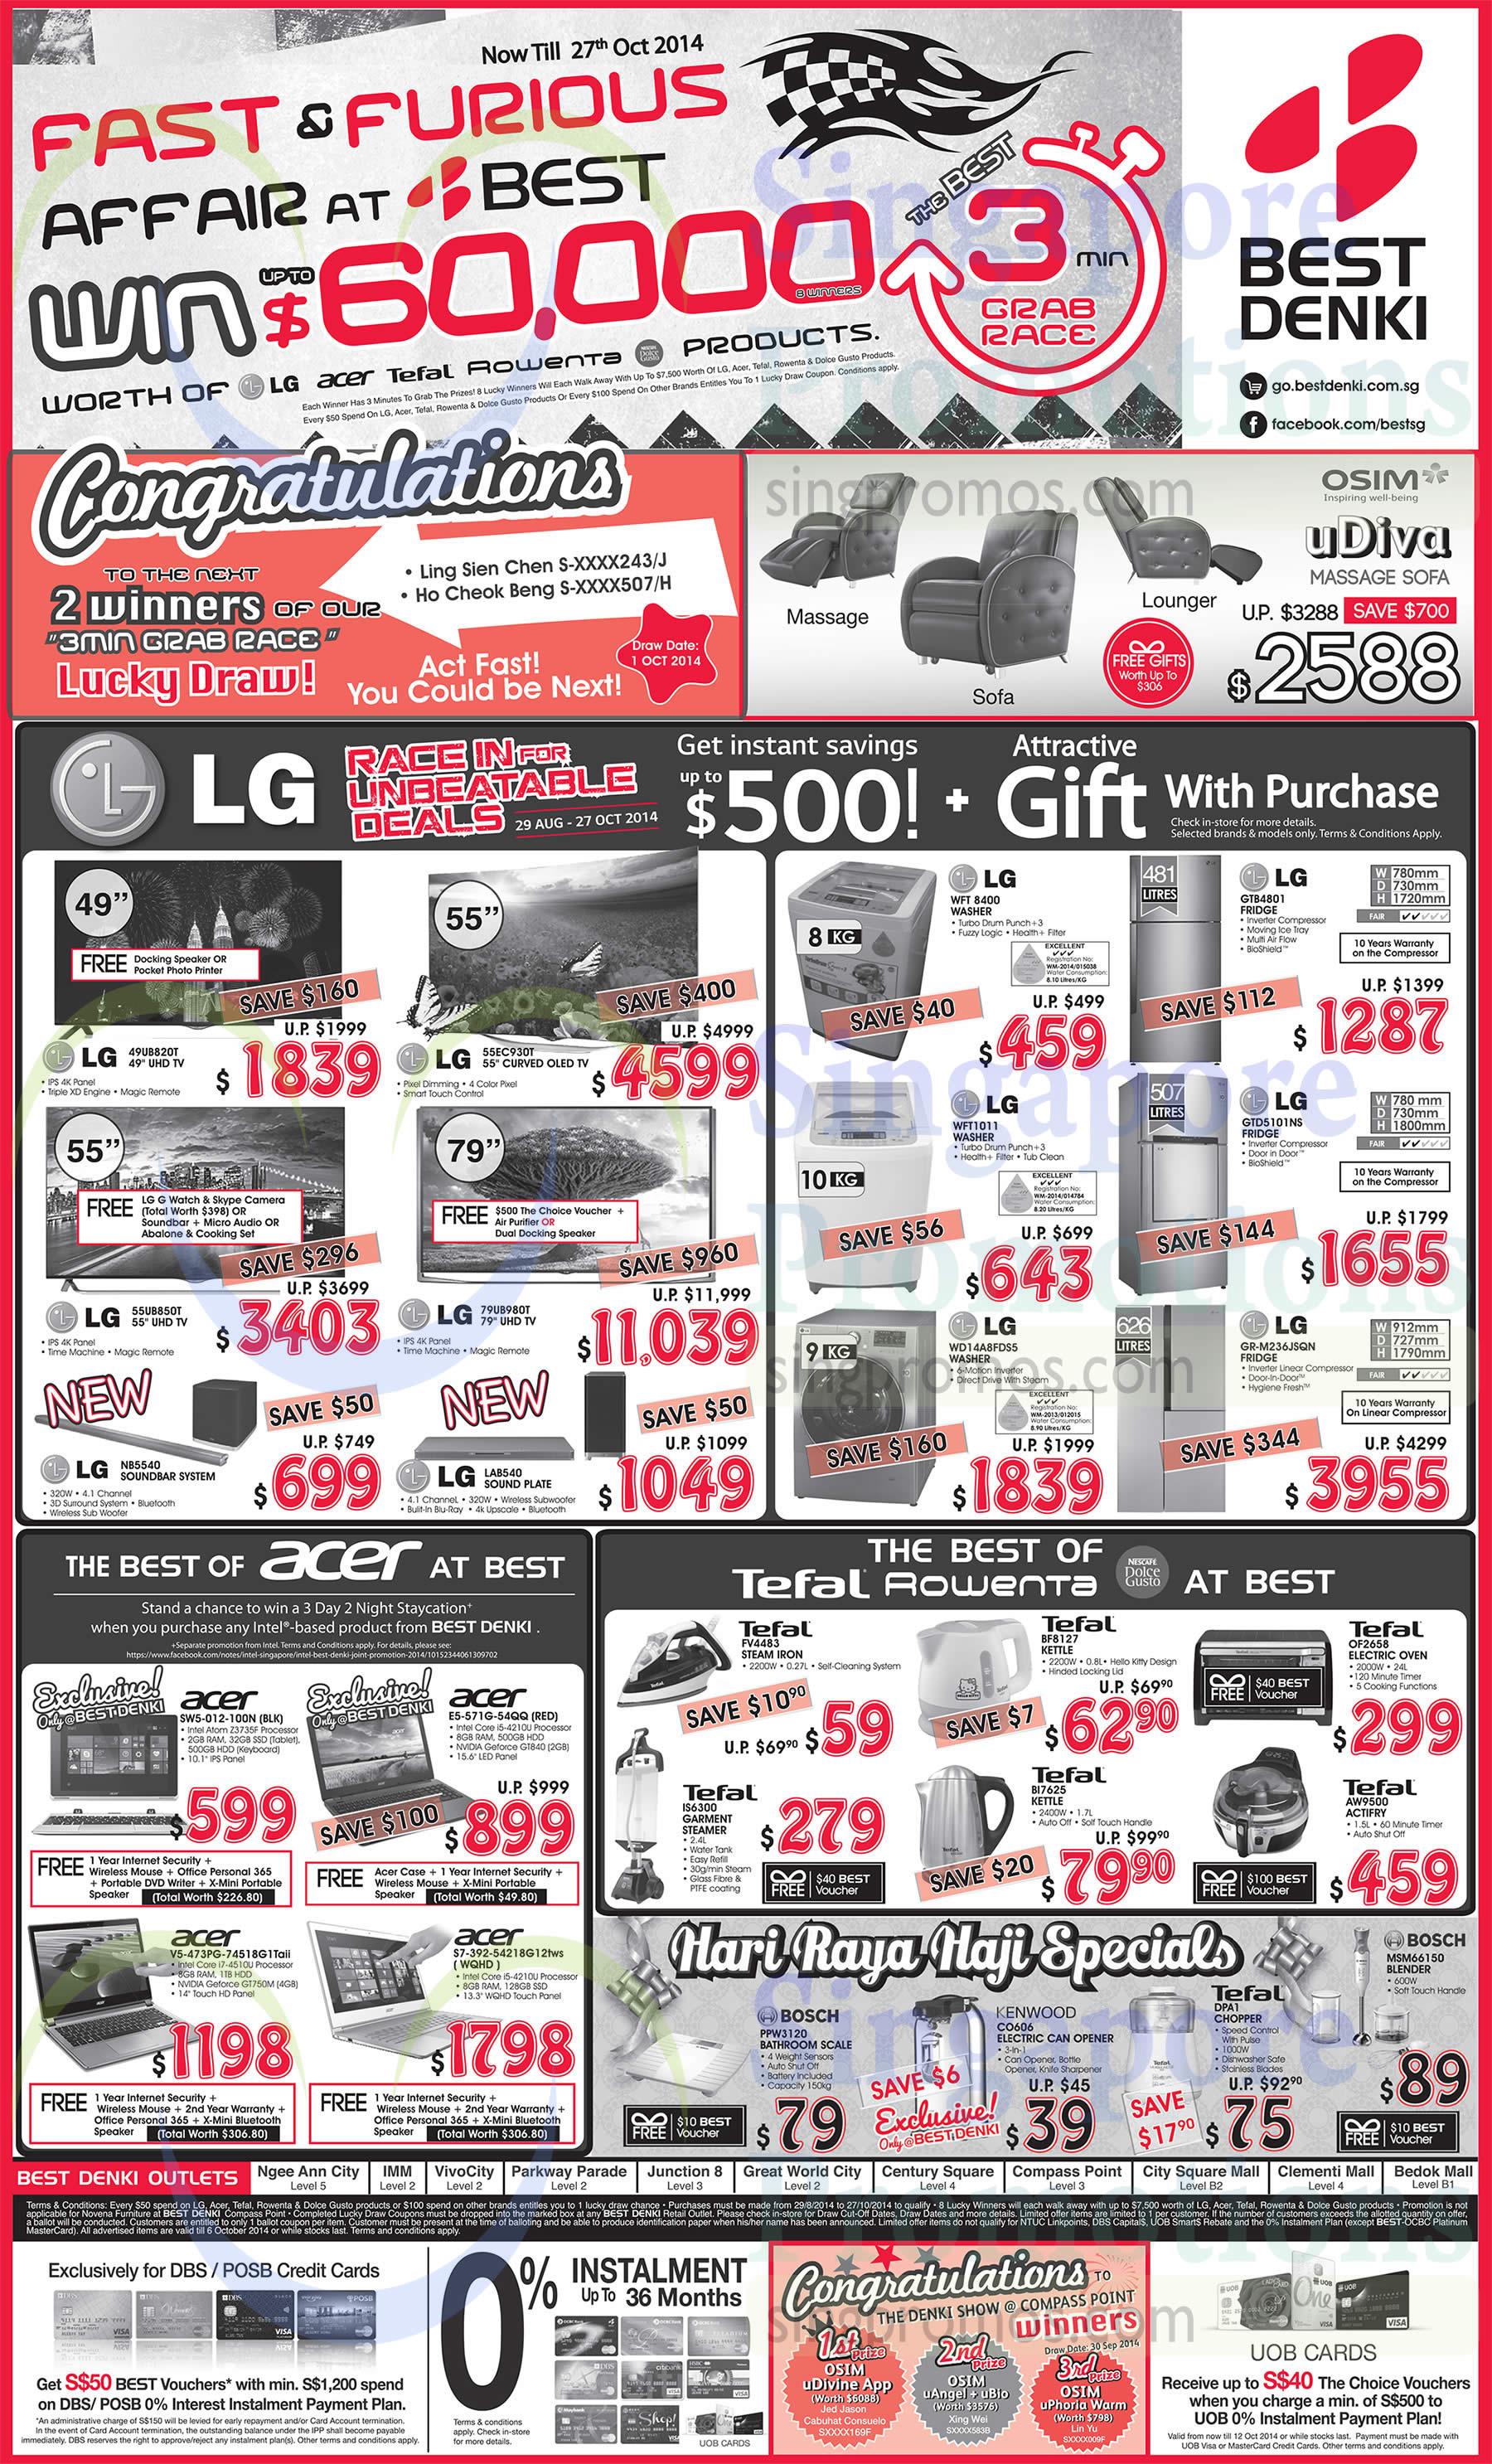 LG 49UB820T TV, LG 55UB850T TV, LG 55EC930T TV, LG 79UB980T TV, LG NB5540 Soundbar, LG LAB540 Soundplate, LG WFT8400 Washer, LG WFT1011 Washer, LG WD14A8FDS5 Washer, LG GTB4801 Fridge, LG GTD5101NS Fridge, LG GR-M236JSQN Fridge, Acer SW5-012-100N Notebook, Acer V5-473PG-74518G1Taii Notebook, Acer S7-392-54218G12tws Notebook, Acer E5-571G-54QQ Notebook, Bosch PPW3120 Bathroom Scale, Tefal FV4483 Iron, Tefal IS6300 Garment Steamer, Tefal BF8127 Kettle, Tefal BI7625 Kettle, Tefal DPA1 Chopper, Bosch MSM66150 Blender, Tefal OF2658 Oven and Tefal AW9500 Actifry